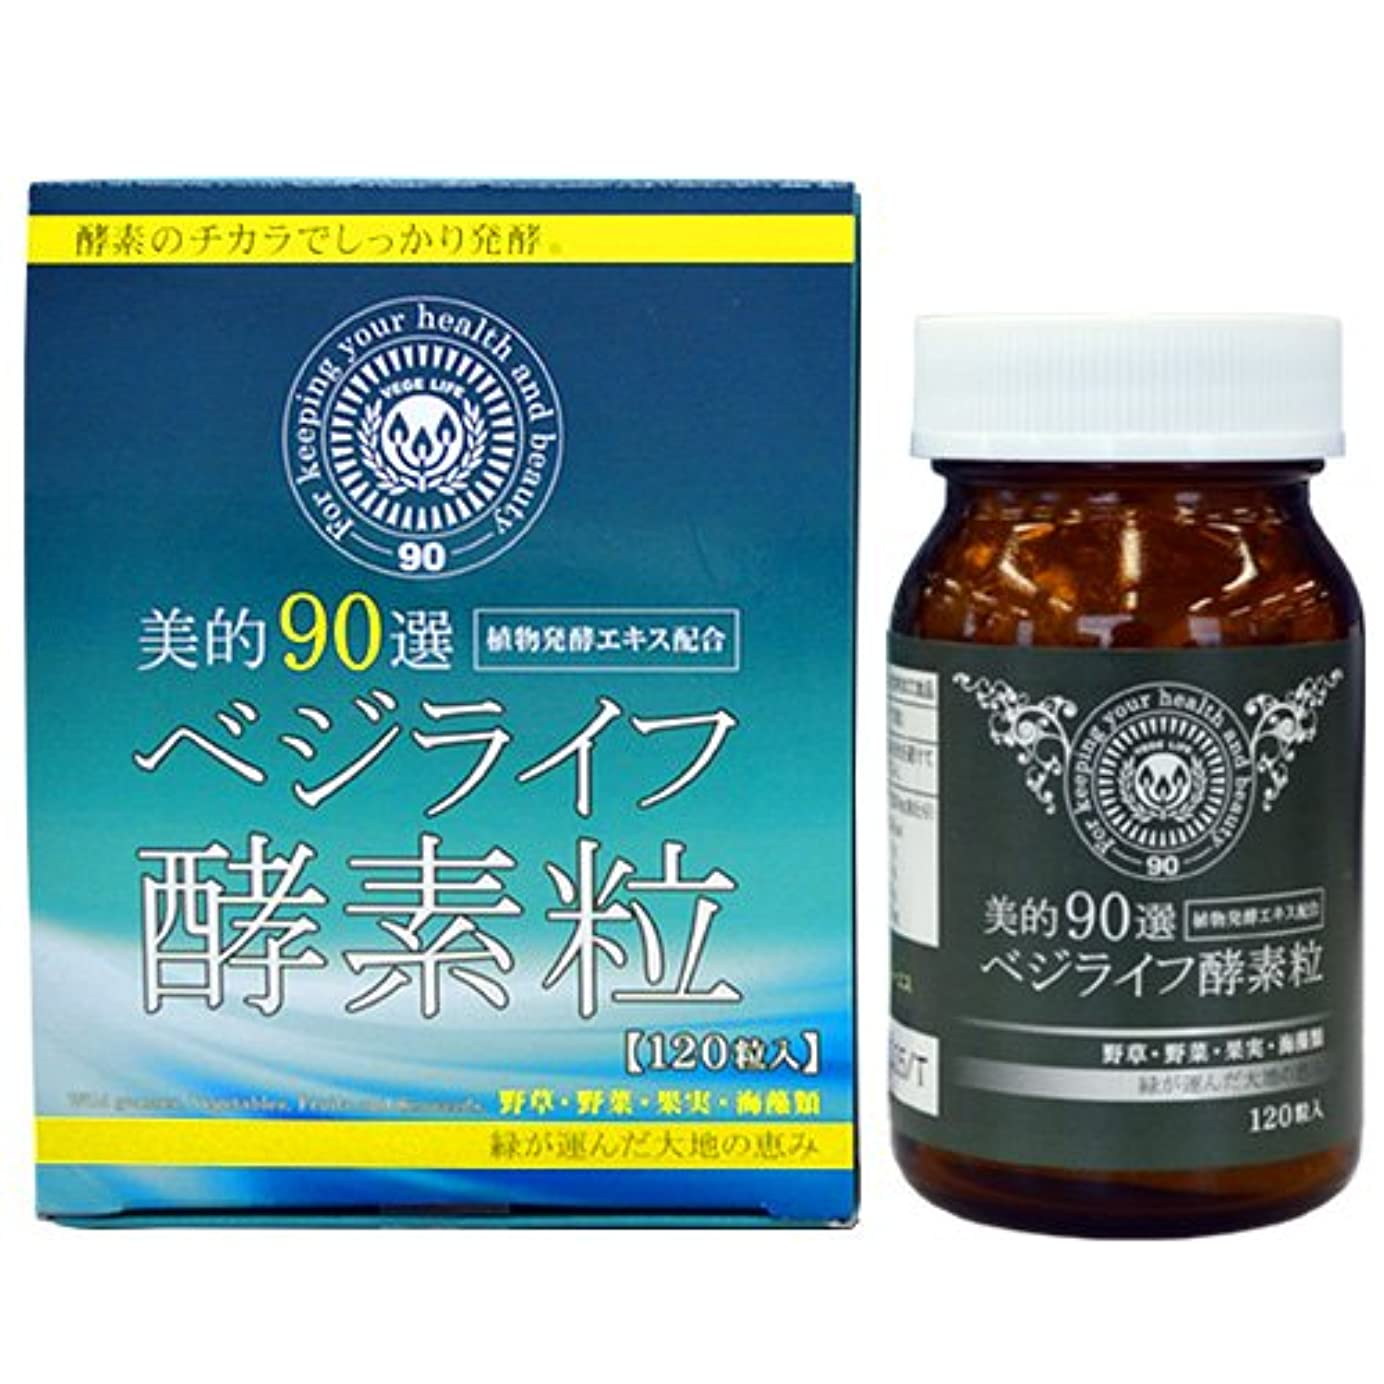 教育者トライアスロン降ろす植物発酵エキス配合 美的90選ベジライフ酵素粒(120粒入り)